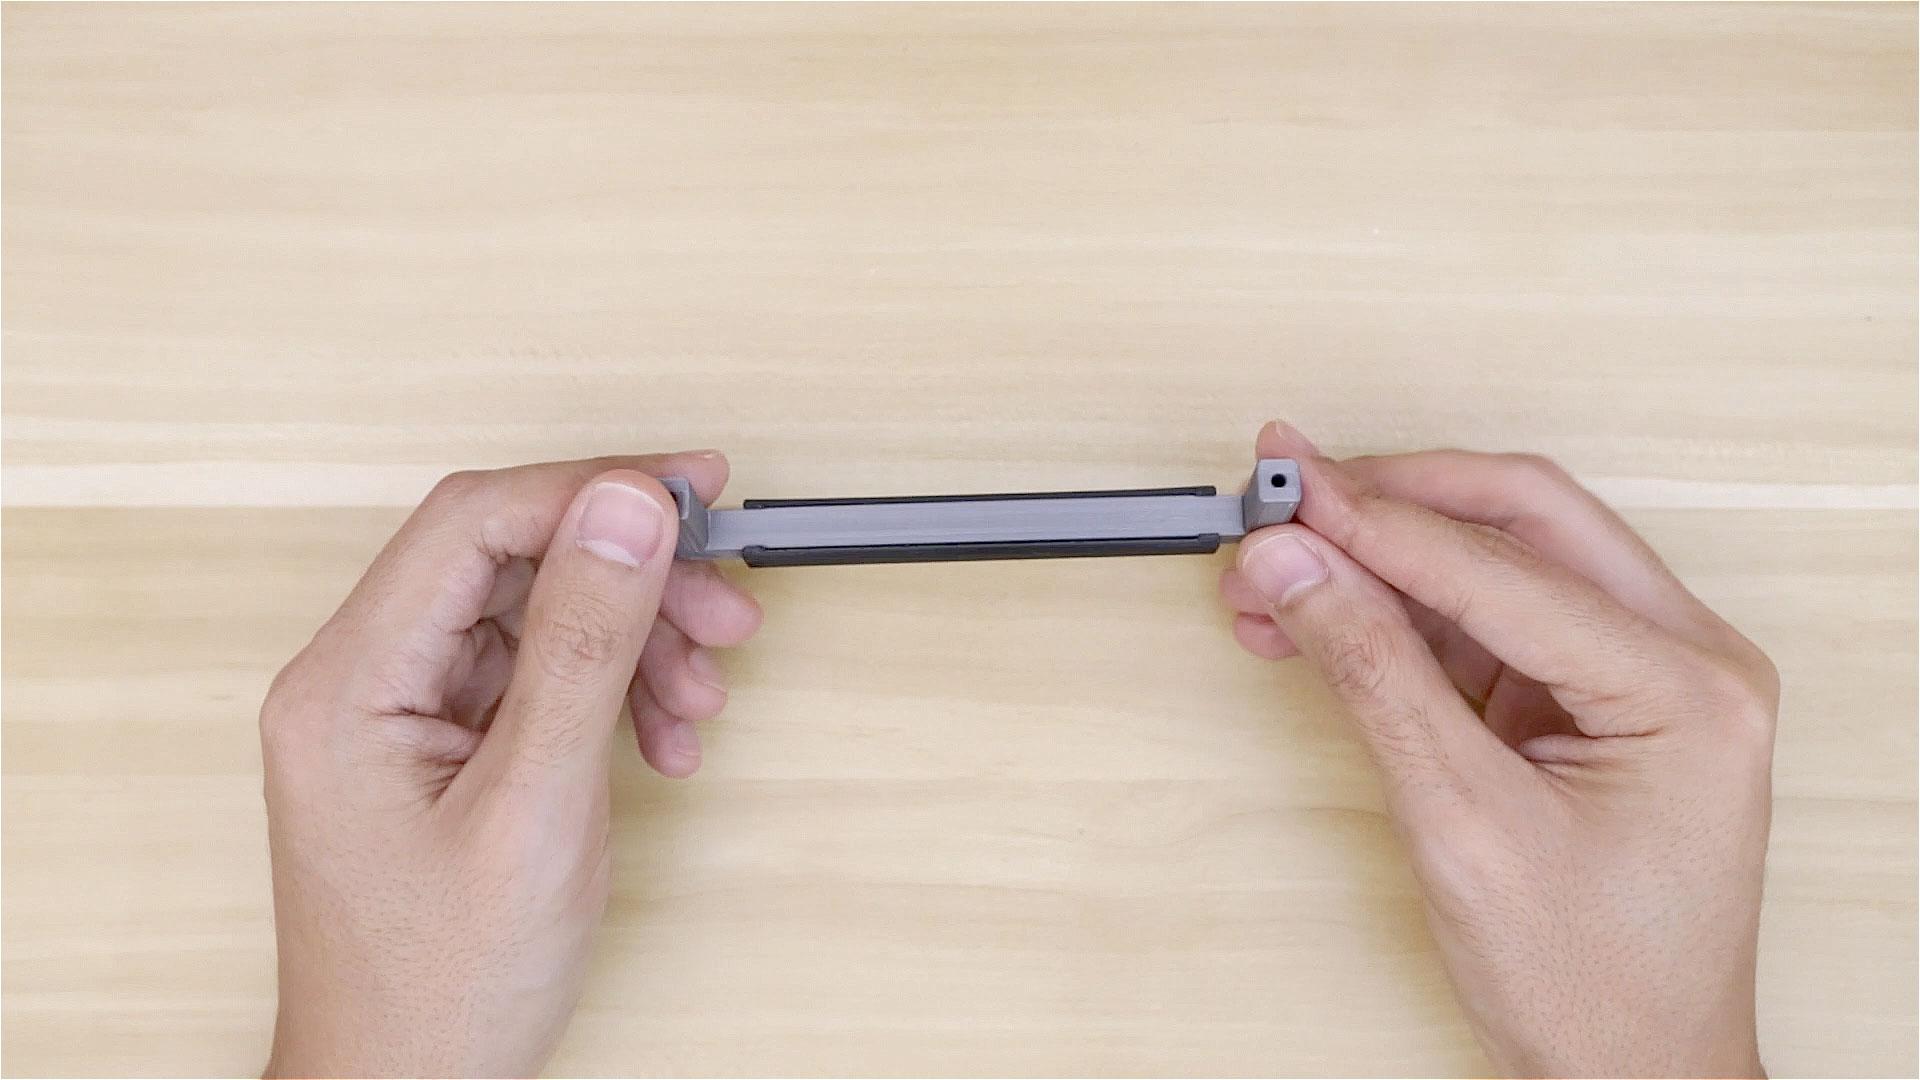 3d_printing_handle-grip-clip.jpg